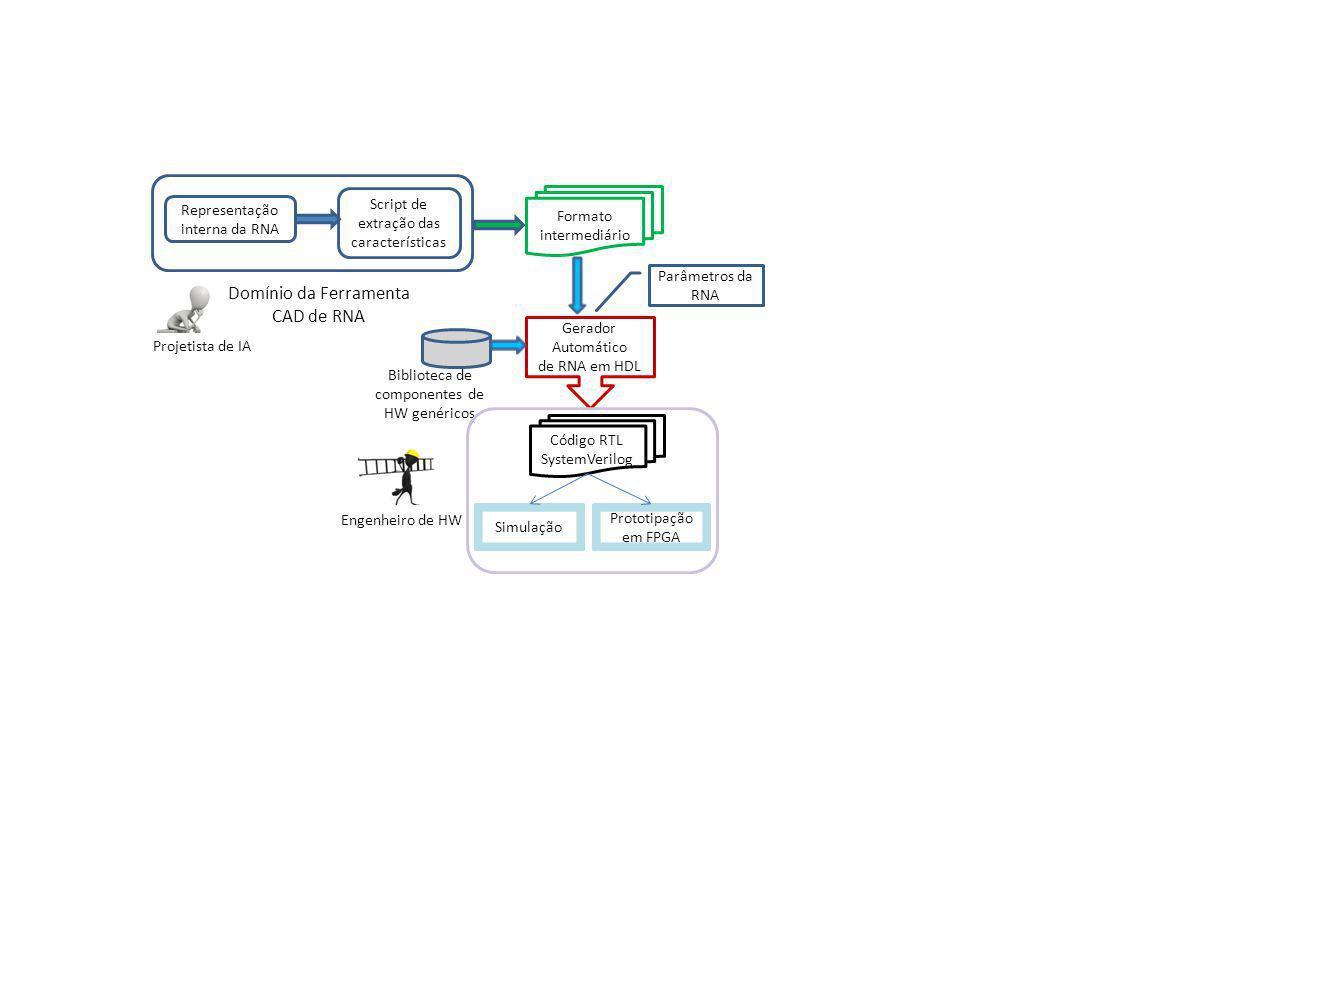 Projetista de IA Representação interna da RNA Domínio da Ferramenta CAD de RNA Script de extração das características Formato intermediário Gerador Automático de RNA em HDL Biblioteca de componentes de HW genéricos Parâmetros da RNA Código RTL SystemVerilog Engenheiro de HW Simulação Prototipação em FPGA